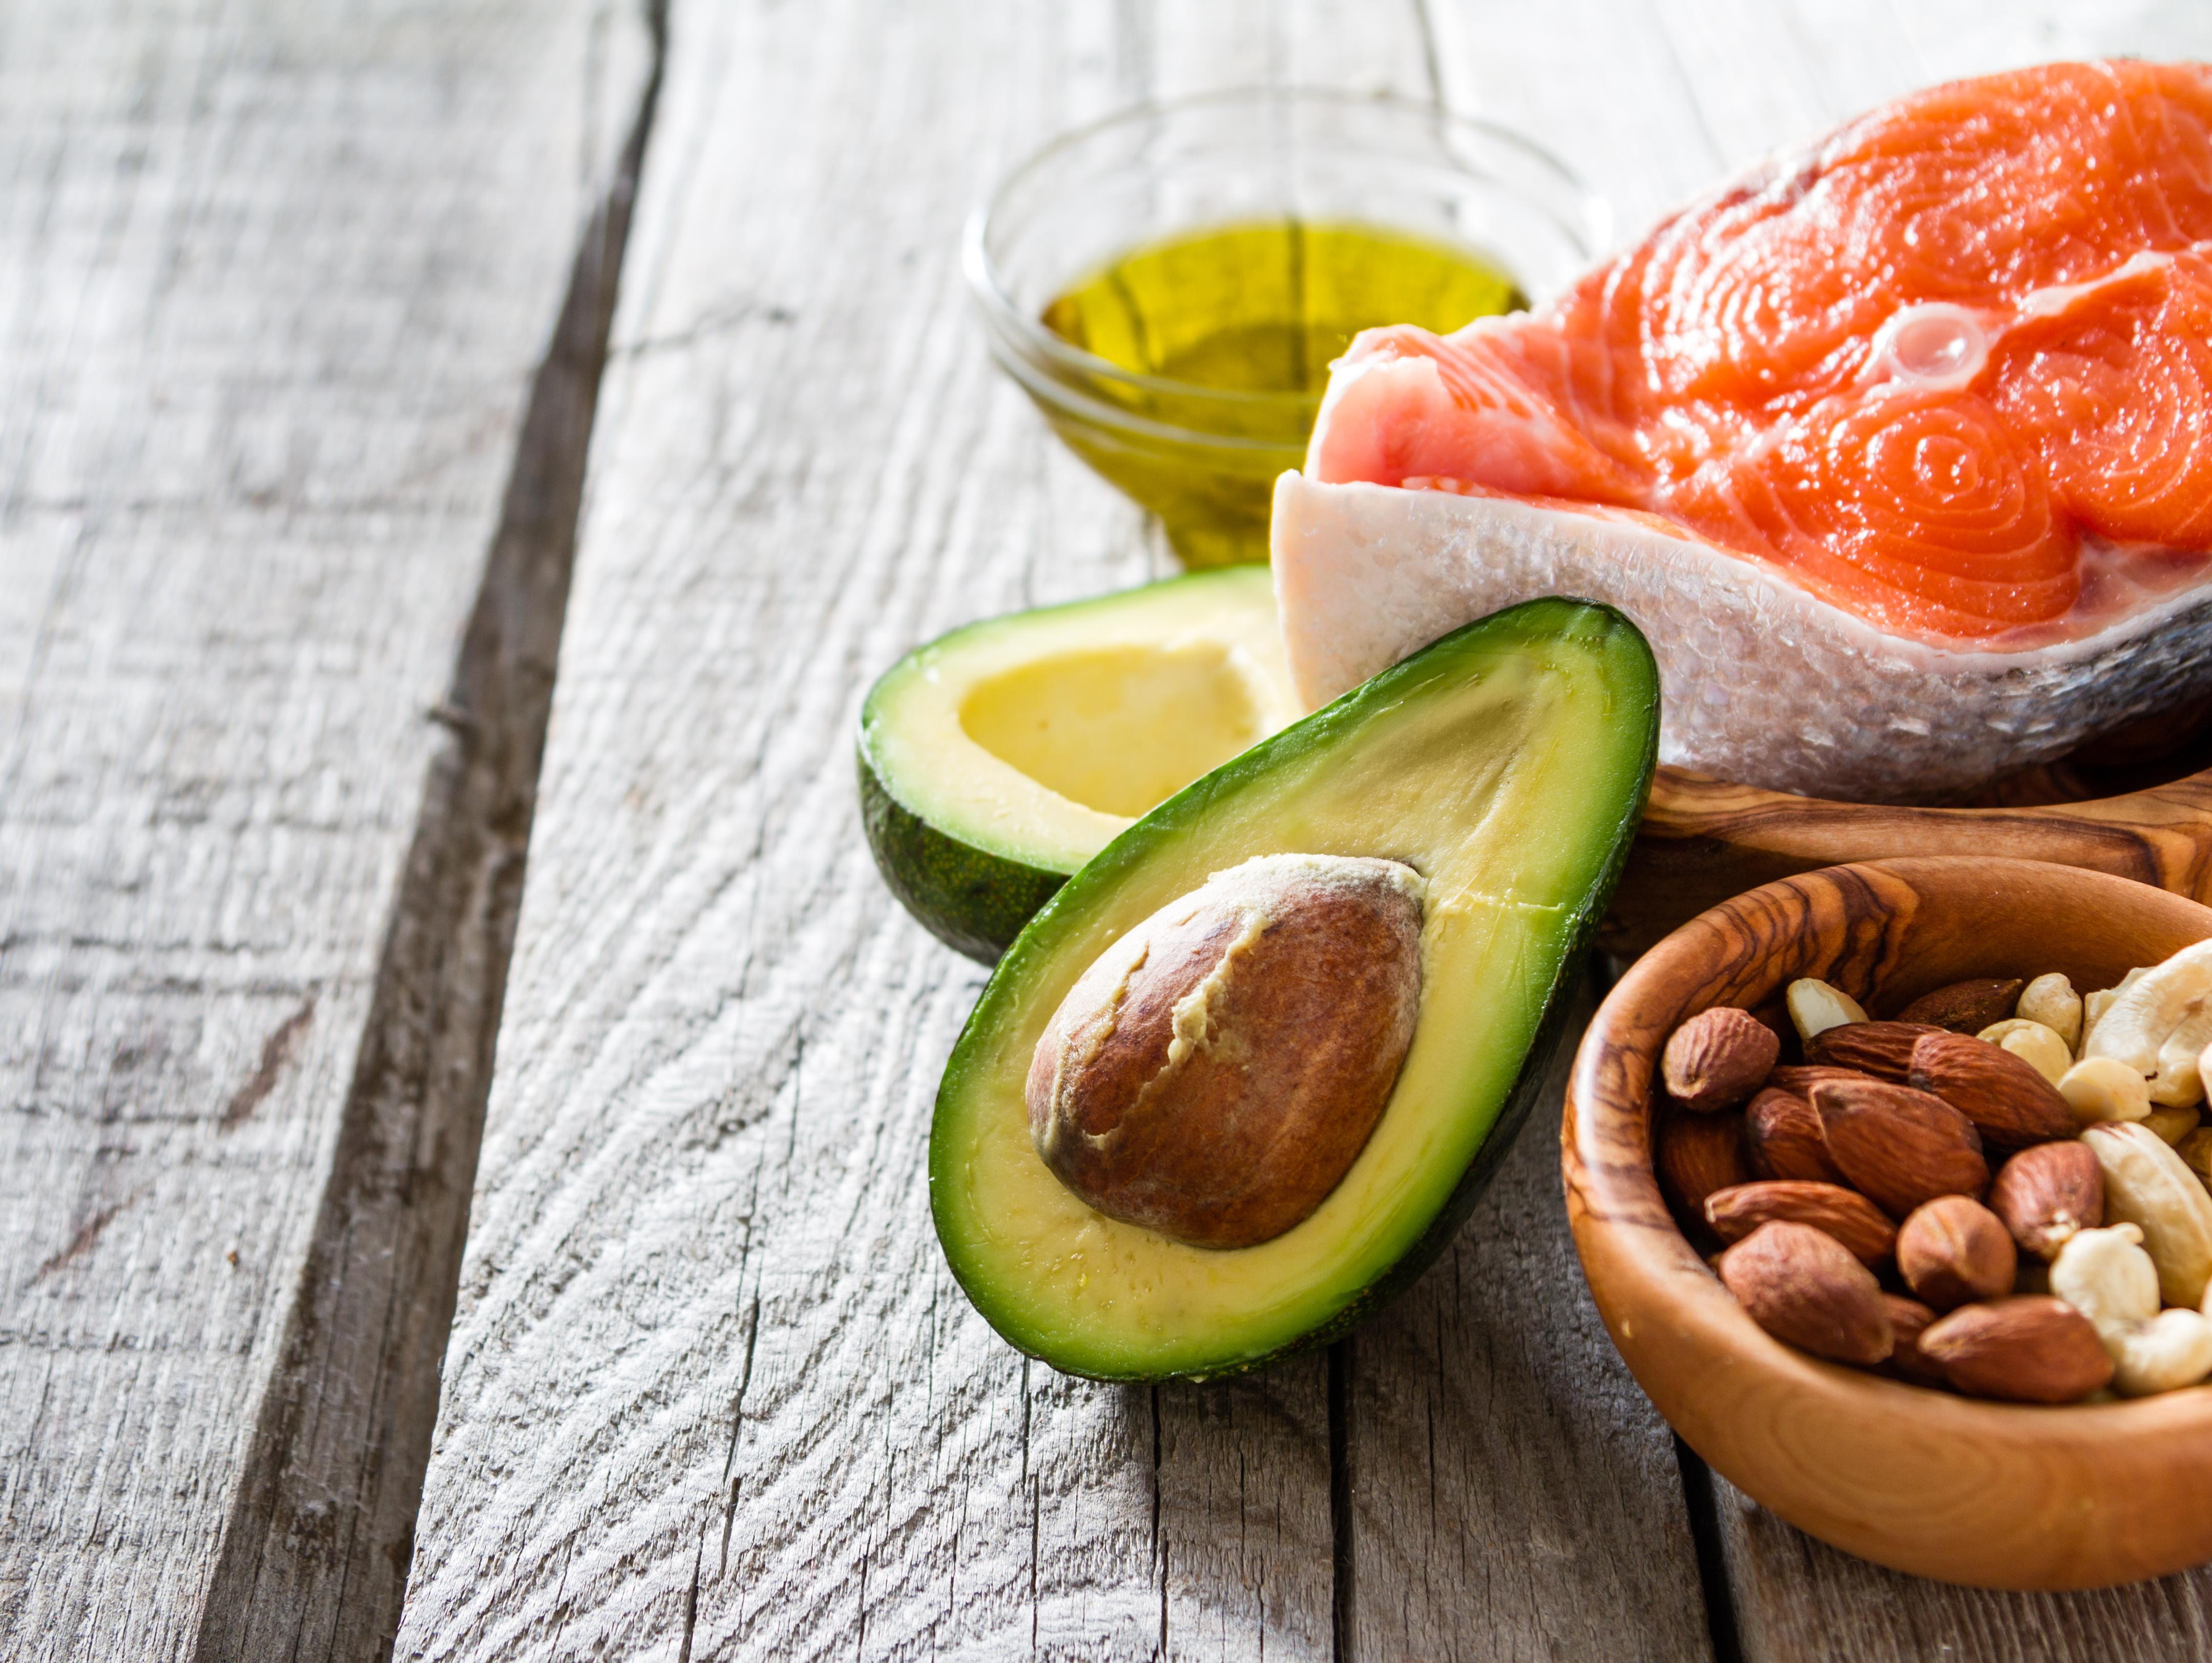 האם מה שאתם אוכלים משפיע על גודל המוח שלכם?